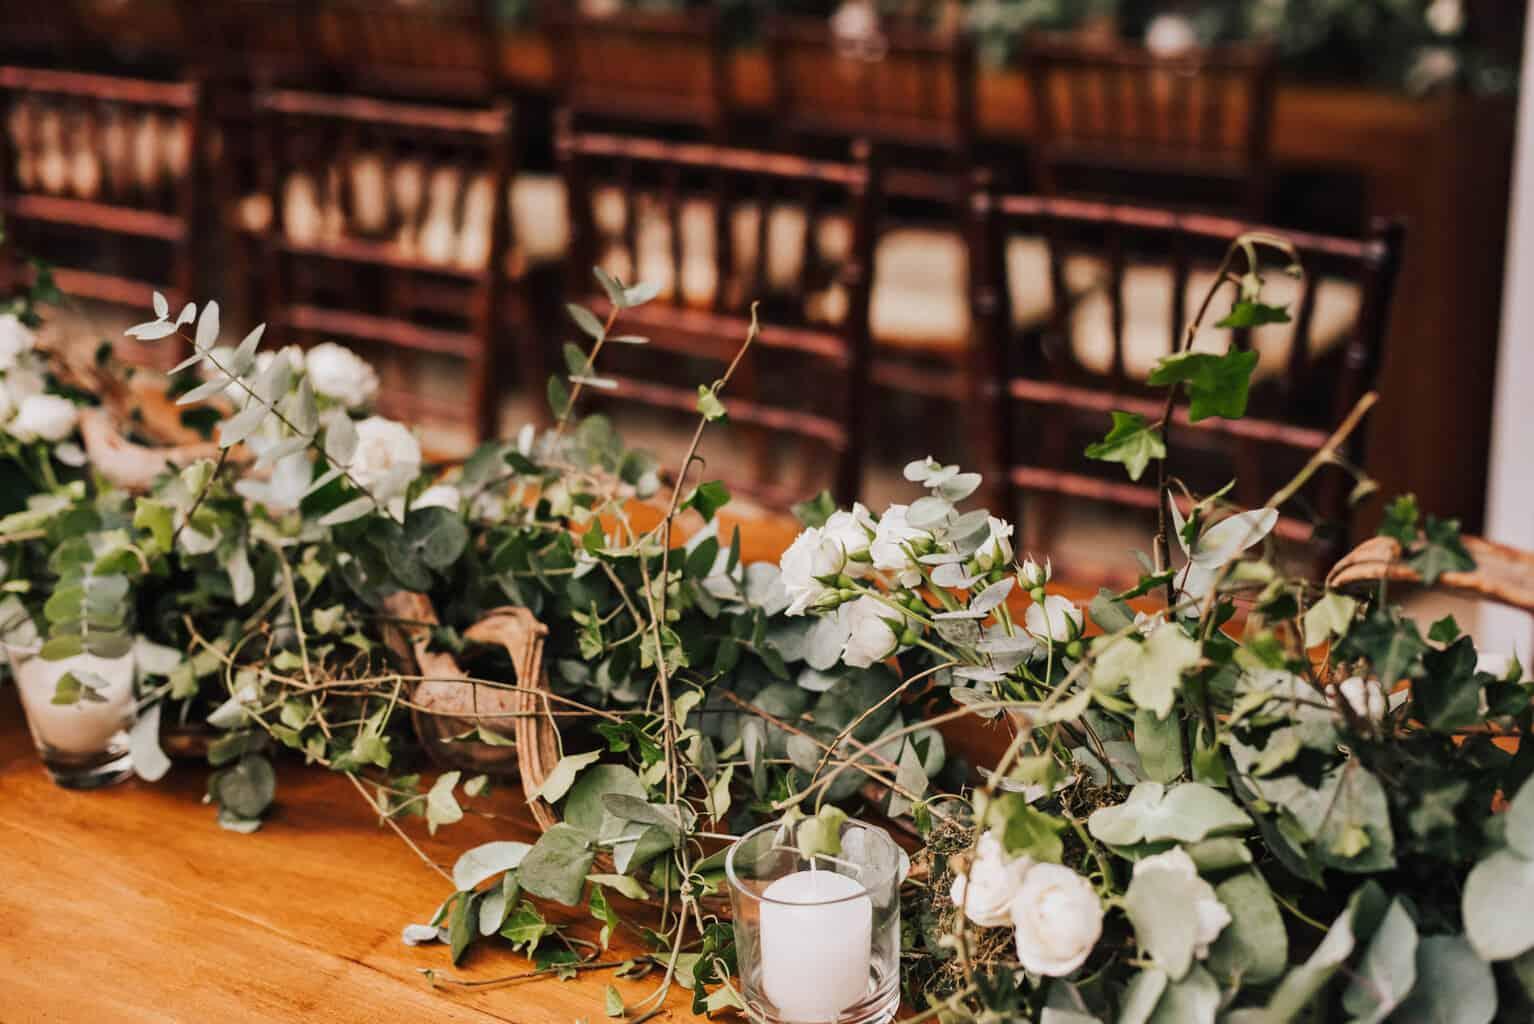 casamento-Maitê-e-Breno-decor-contemporanea-decoracao-branca-com-verde-Fotografia-Mana-Gollo-Hotel-Timbó-Park-mesa-dos-convidados11